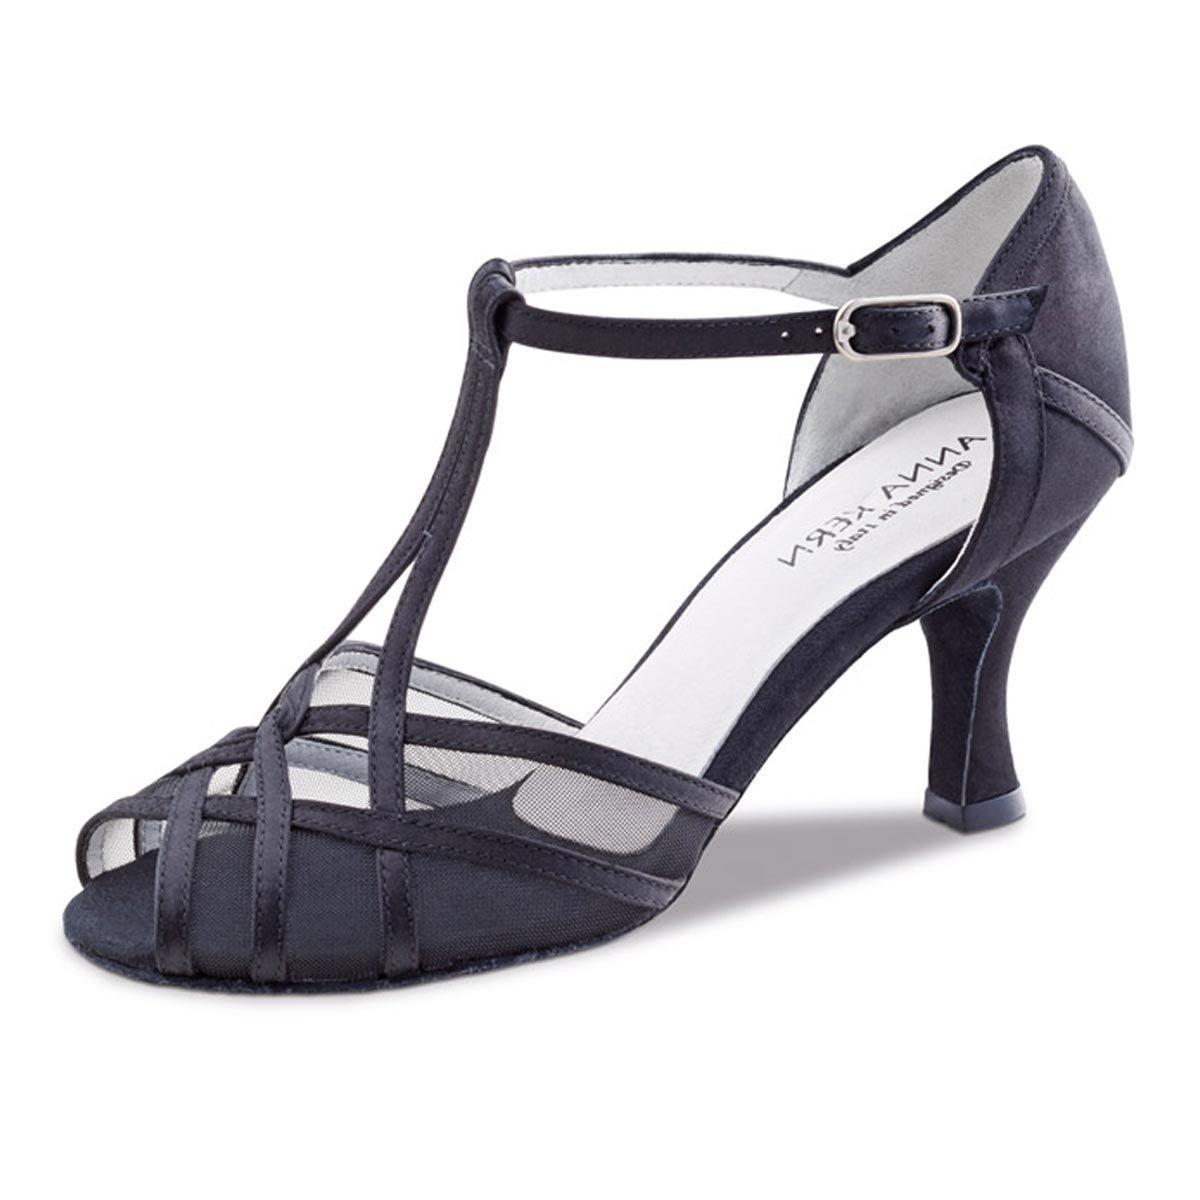 Anna Kern Femmes Chaussures de Danse 640-60 - Satin Noir - 6 cm